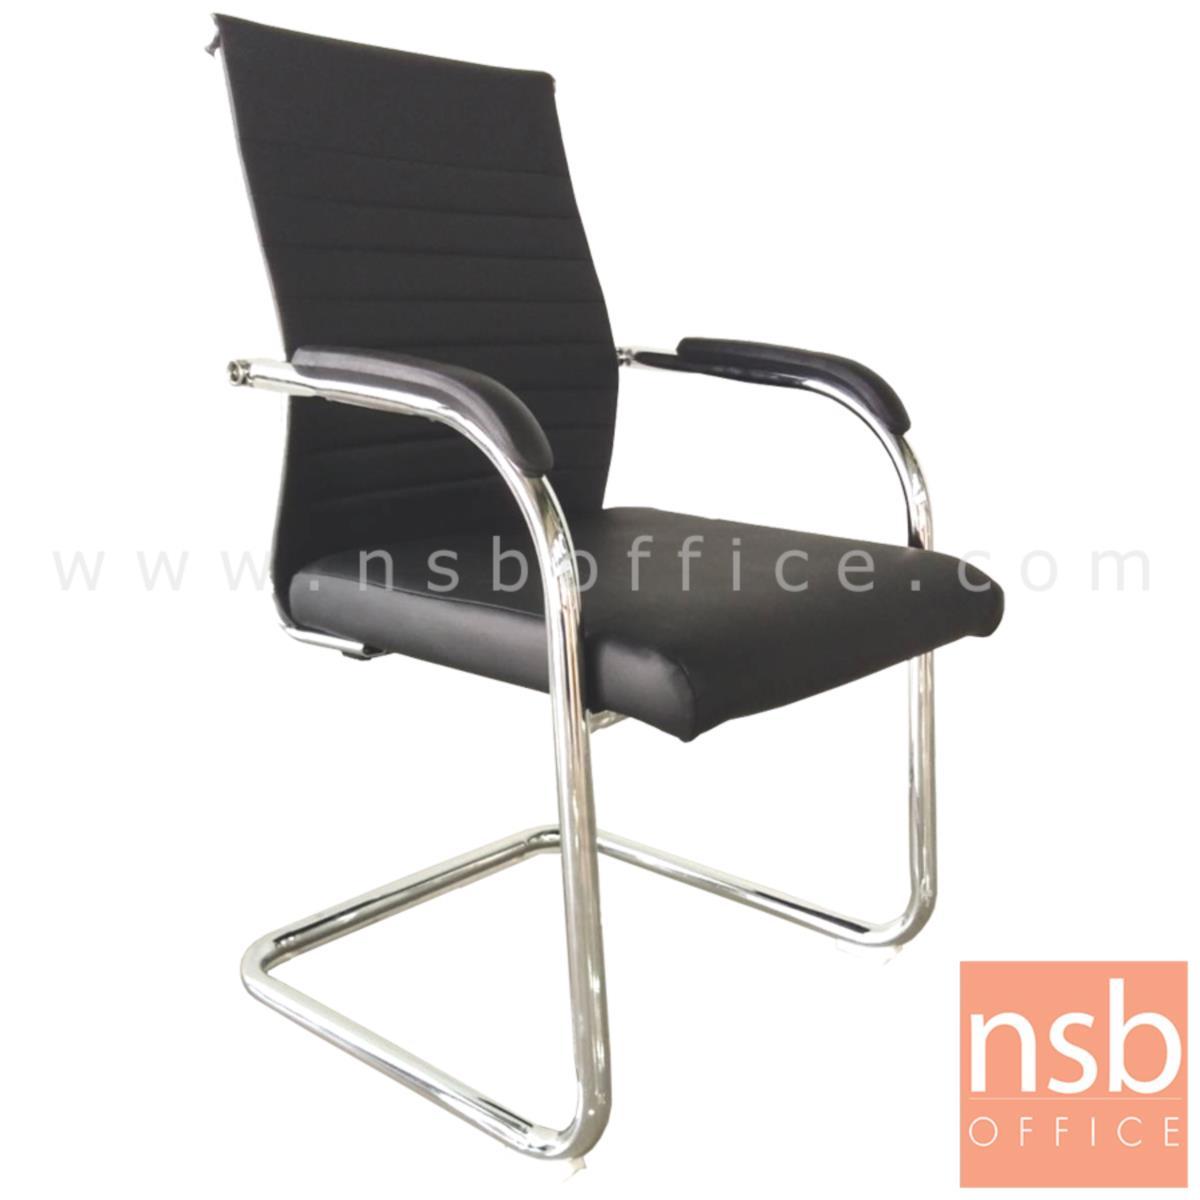 B04A191:เก้าอี้รับแขกขาตัวซี รุ่น Alemana (อารีมานะ) ขาเหล็กชุบโครเมี่ยม